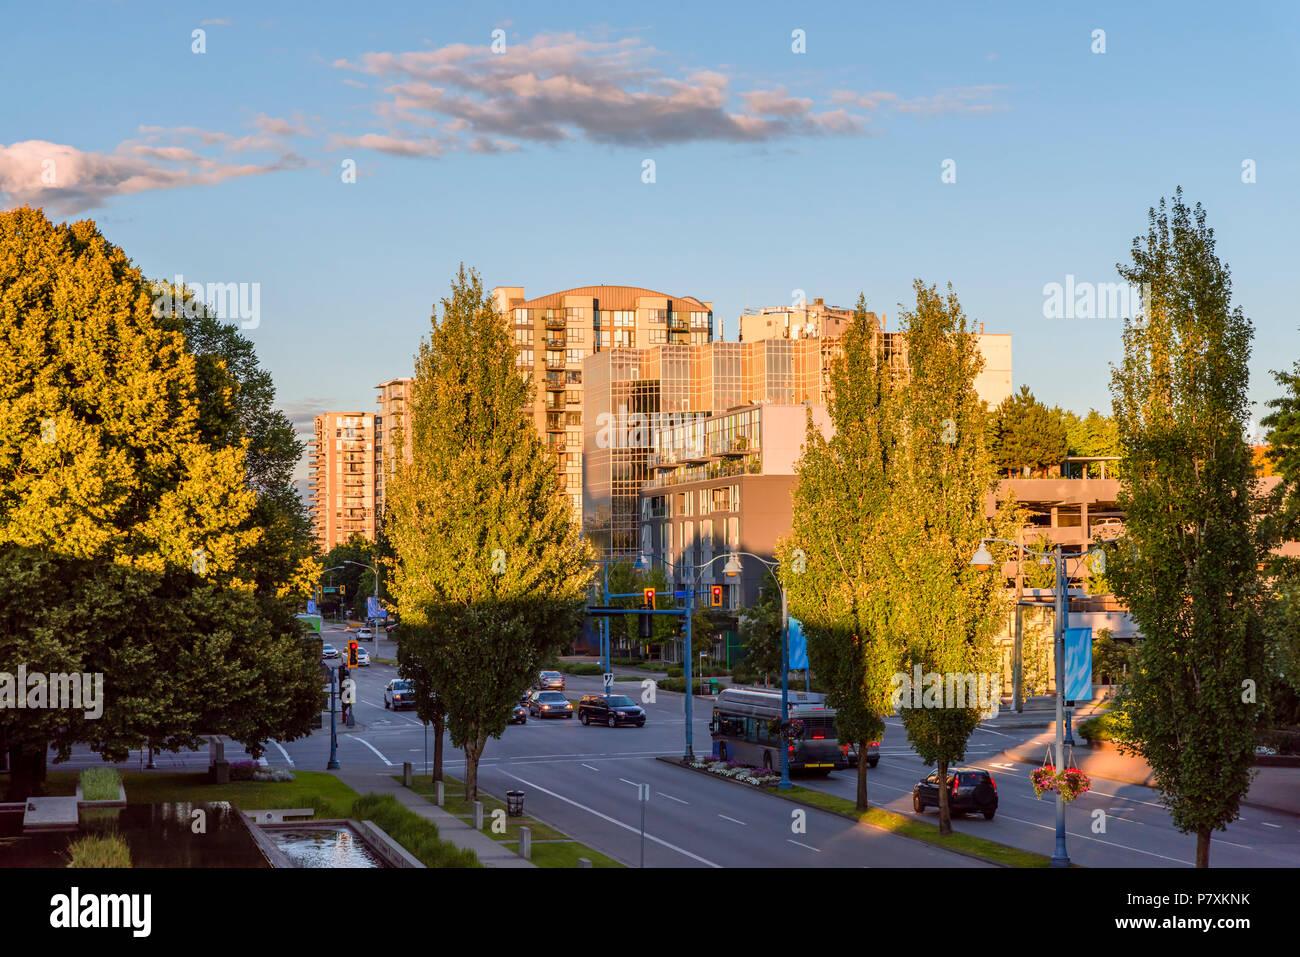 Por la noche las calles de una ciudad moderna, los edificios con ventanas luminosas, los faros de los coches, piscina con reflejo en el agua, árboles y arbustos de plantas, un blu Imagen De Stock